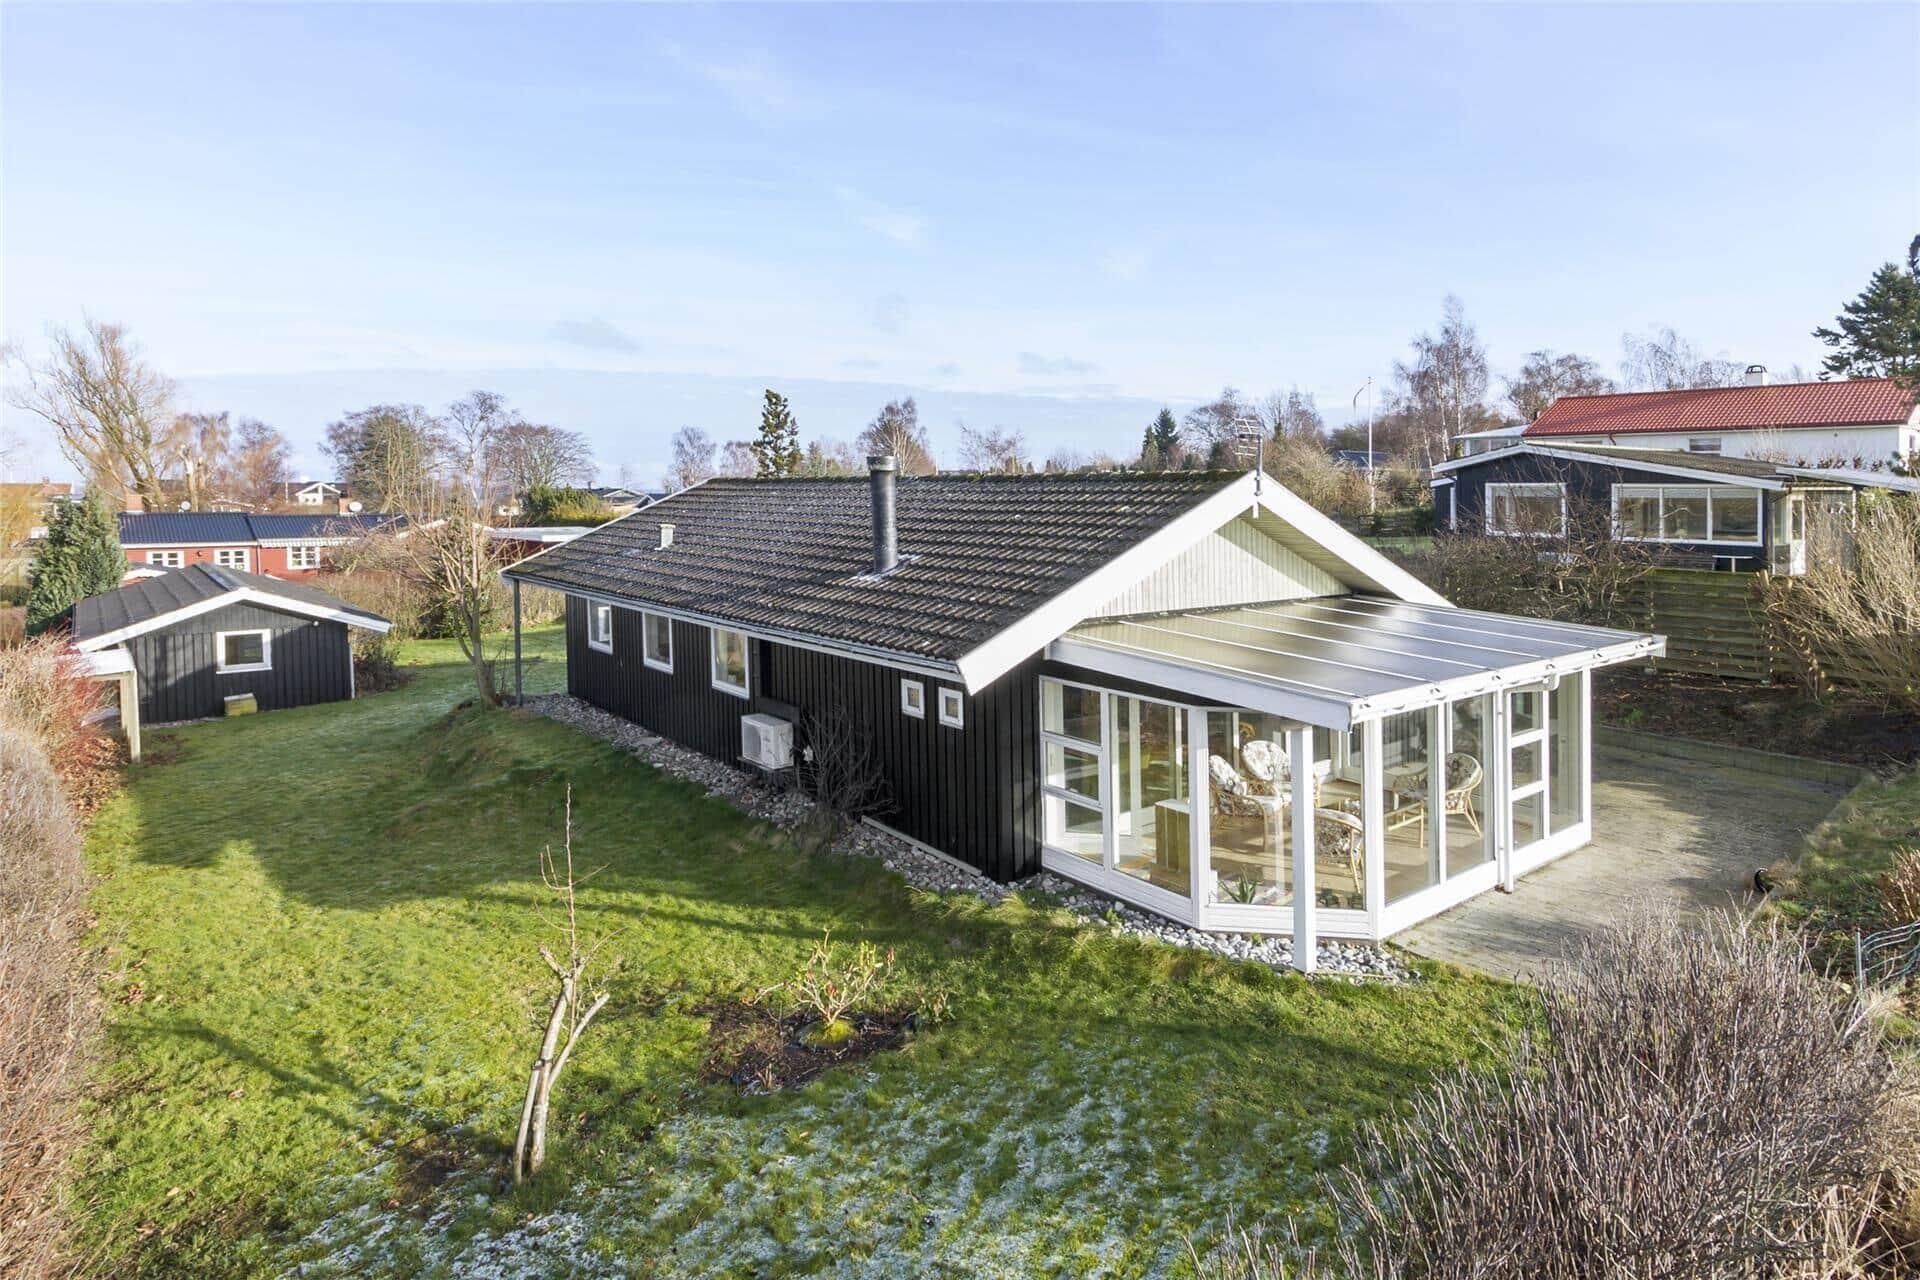 Billede 1-15 Sommerhus S714, Svanevej 3, DK - 4671 Strøby Ladeplads